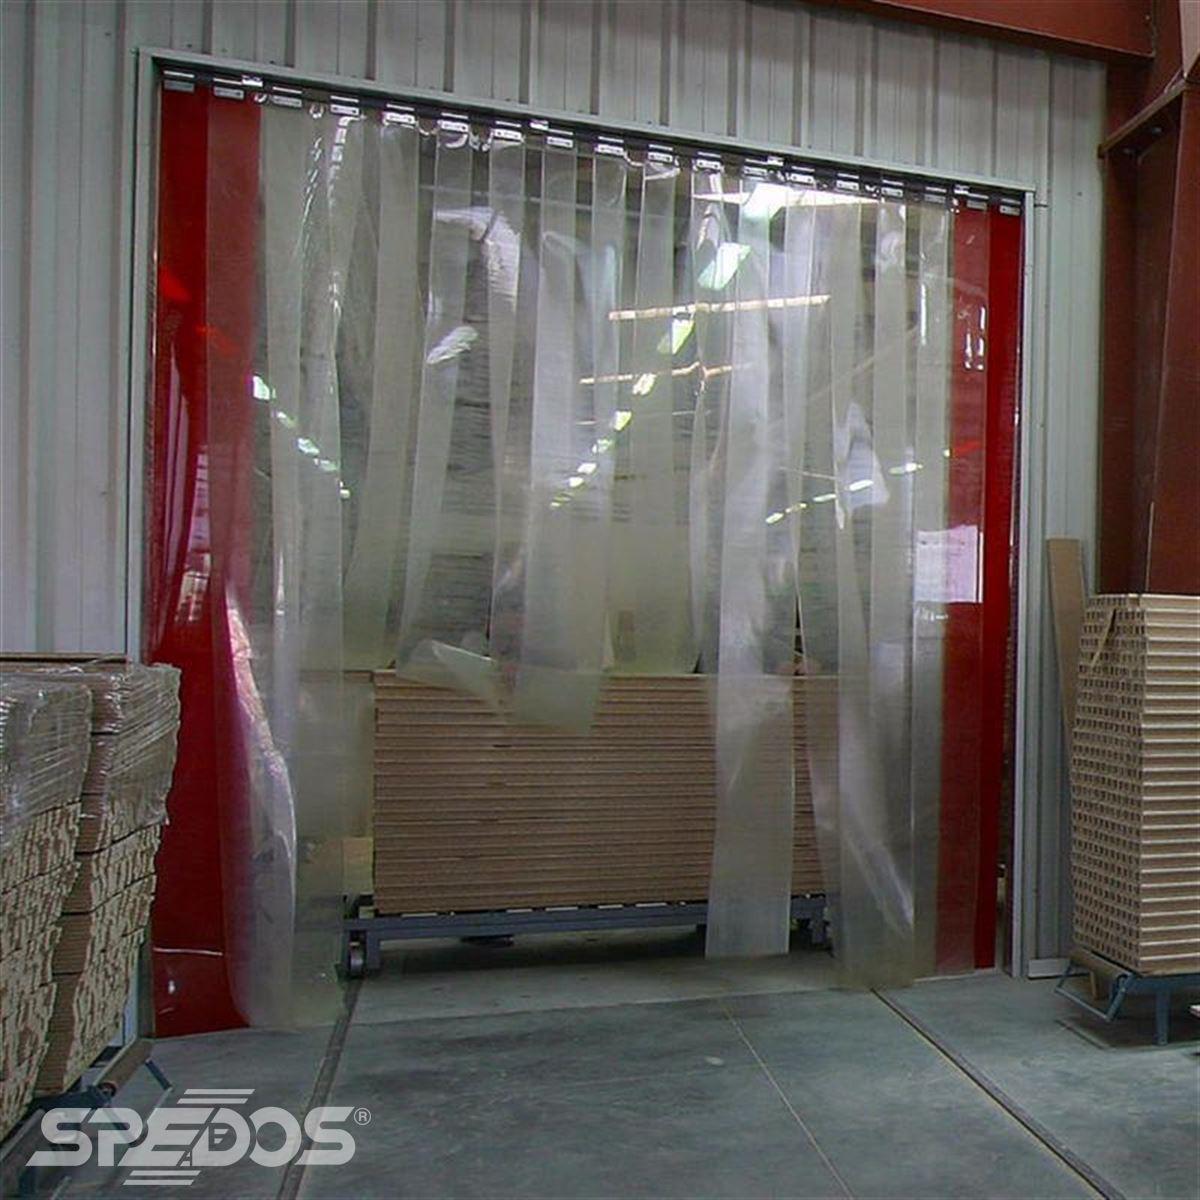 průmyslové pruhové závěsy z PVC od Spedosu